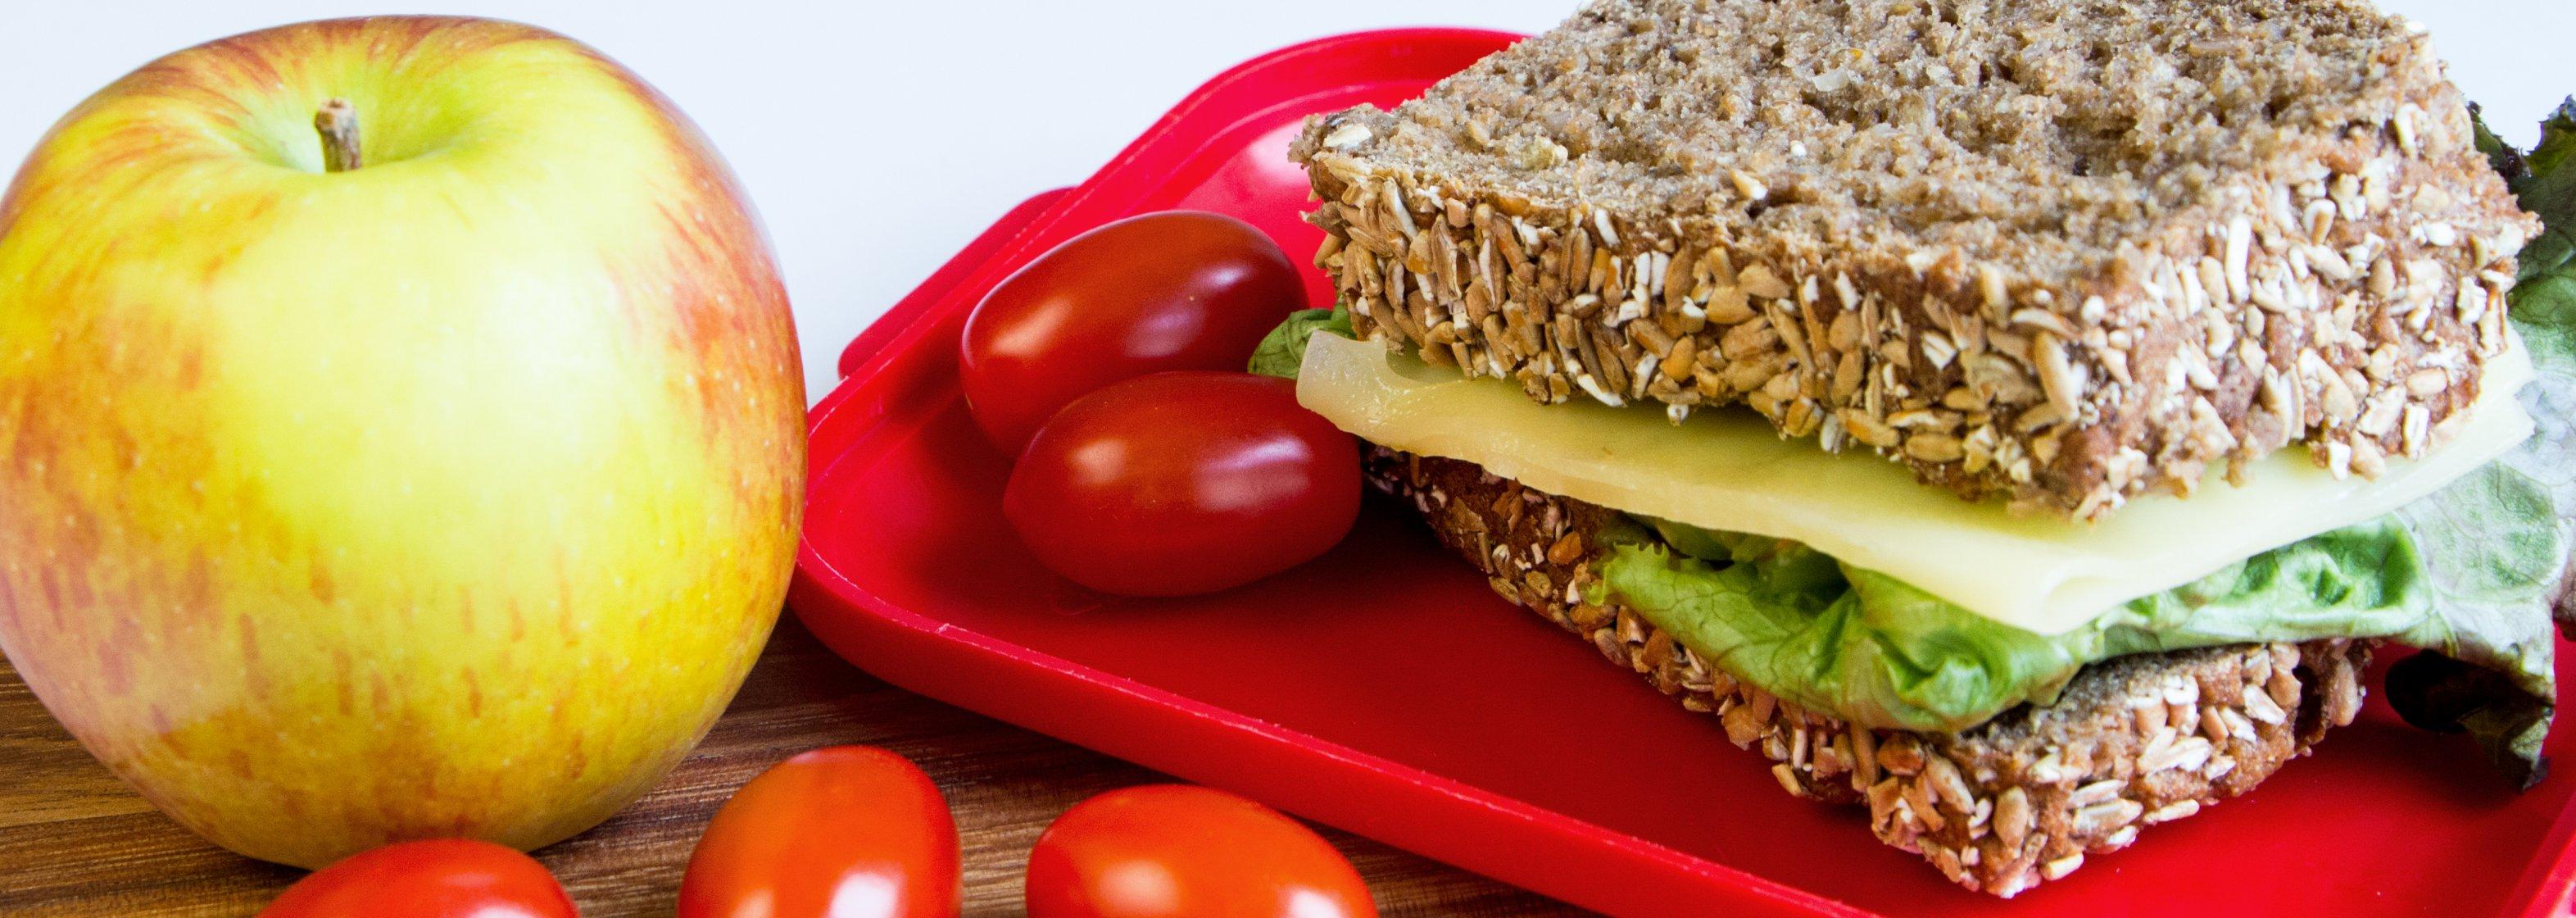 Brot, Obst und Gemüse für die Schulpause